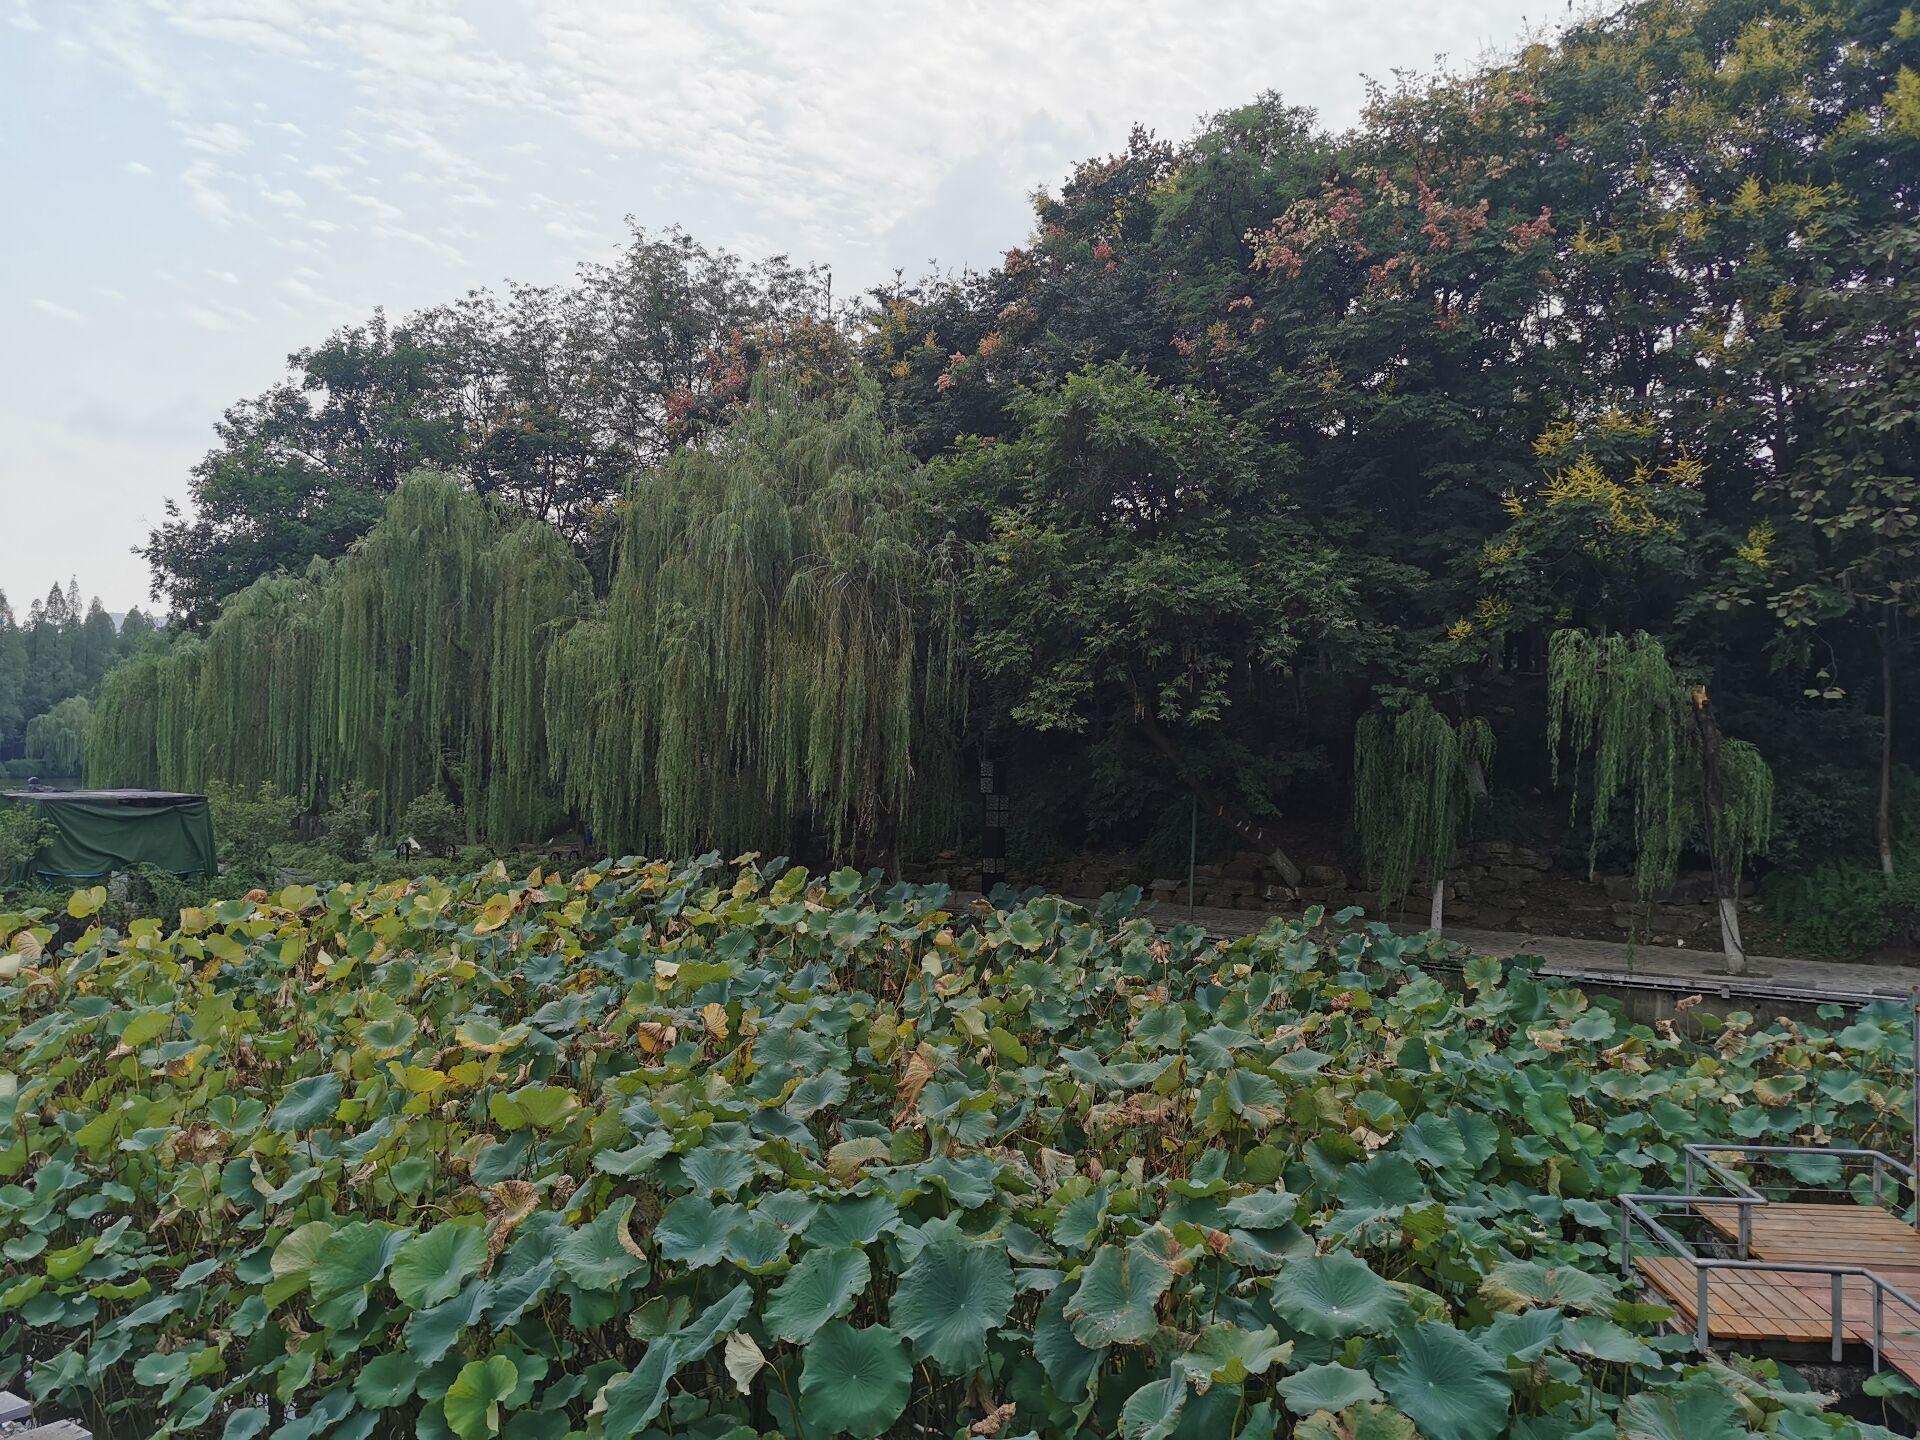 合肥环城公园九狮广场3.jpg